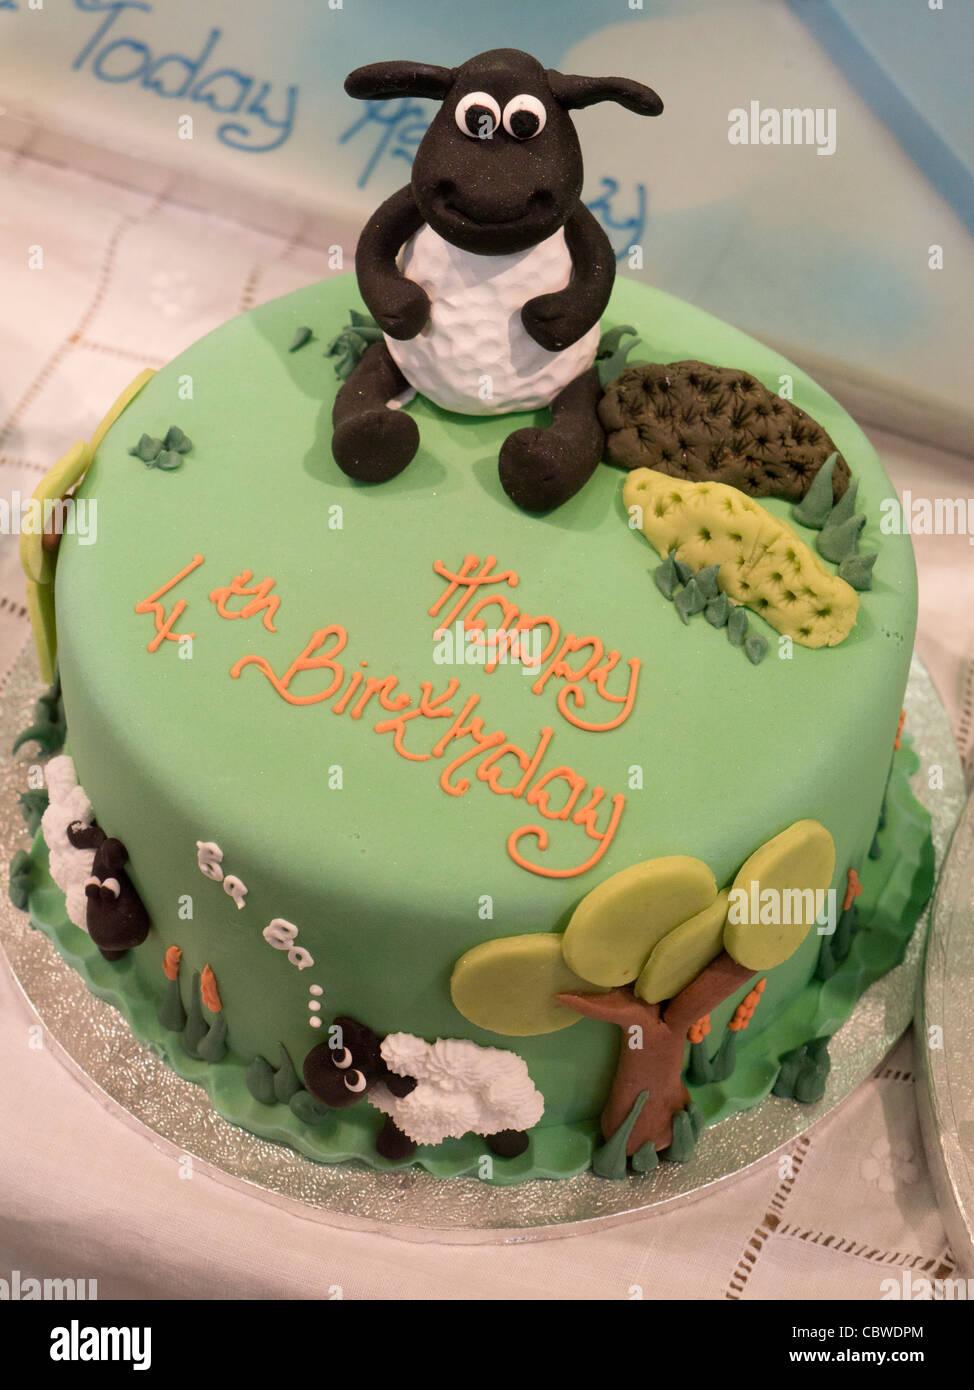 Kawaii Birthday Cake Stock Photos Kawaii Birthday Cake Stock